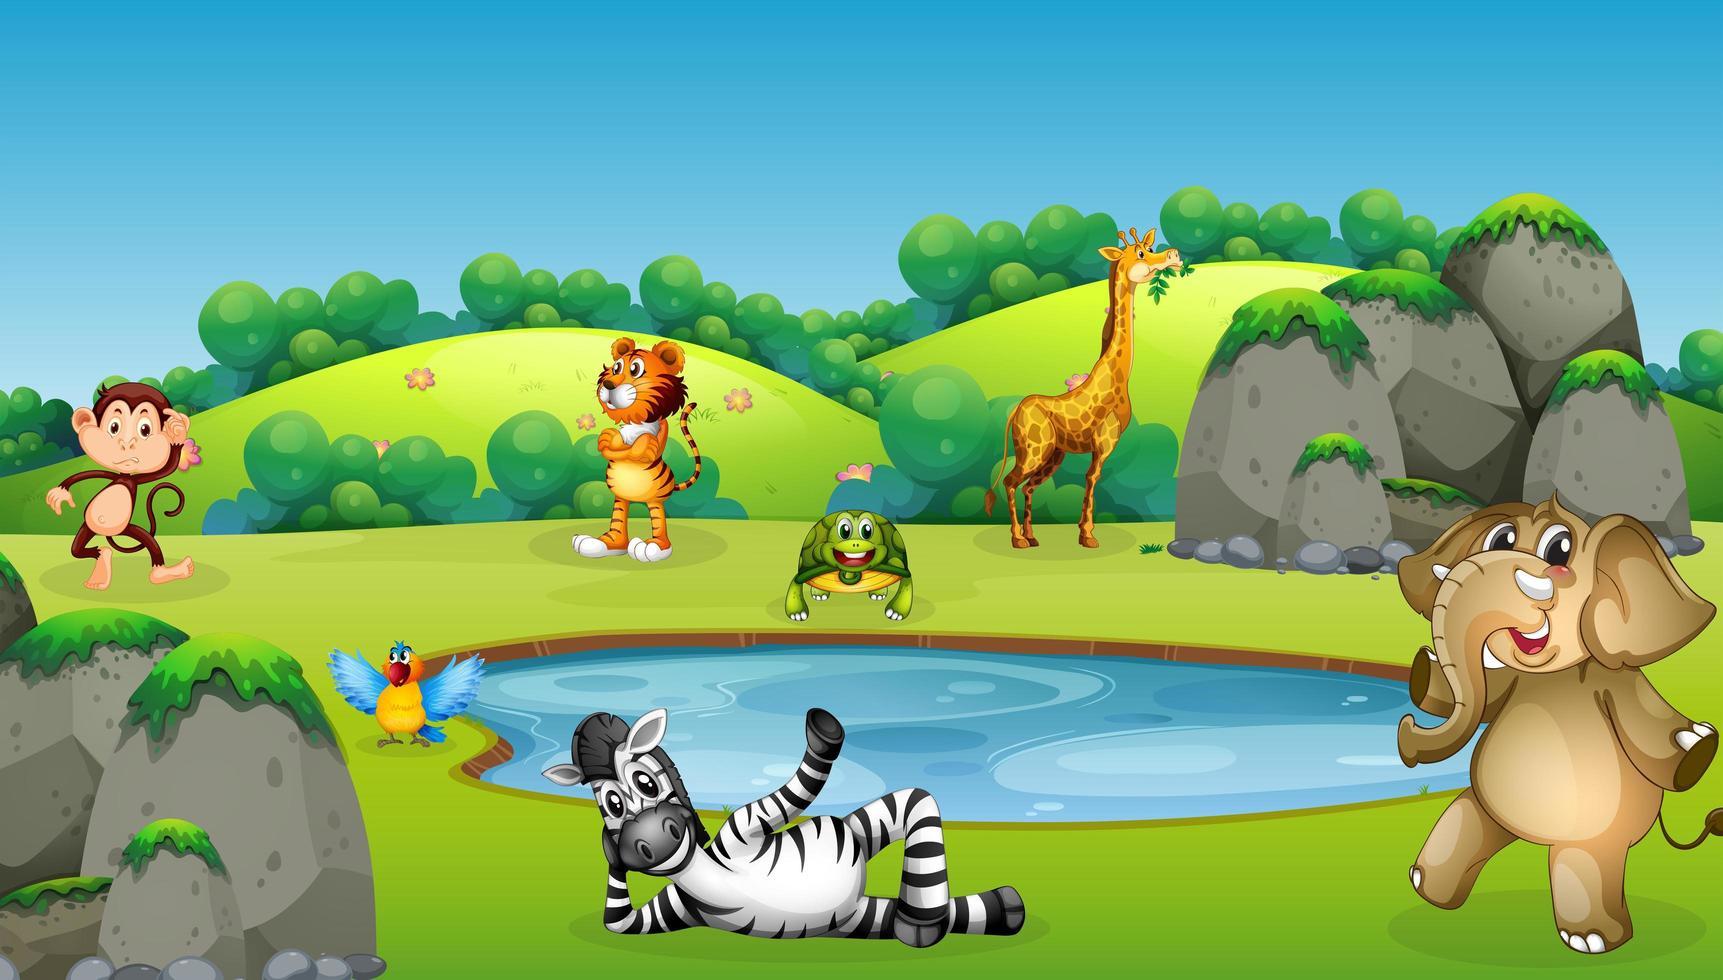 Tiere rund um Teichszene vektor